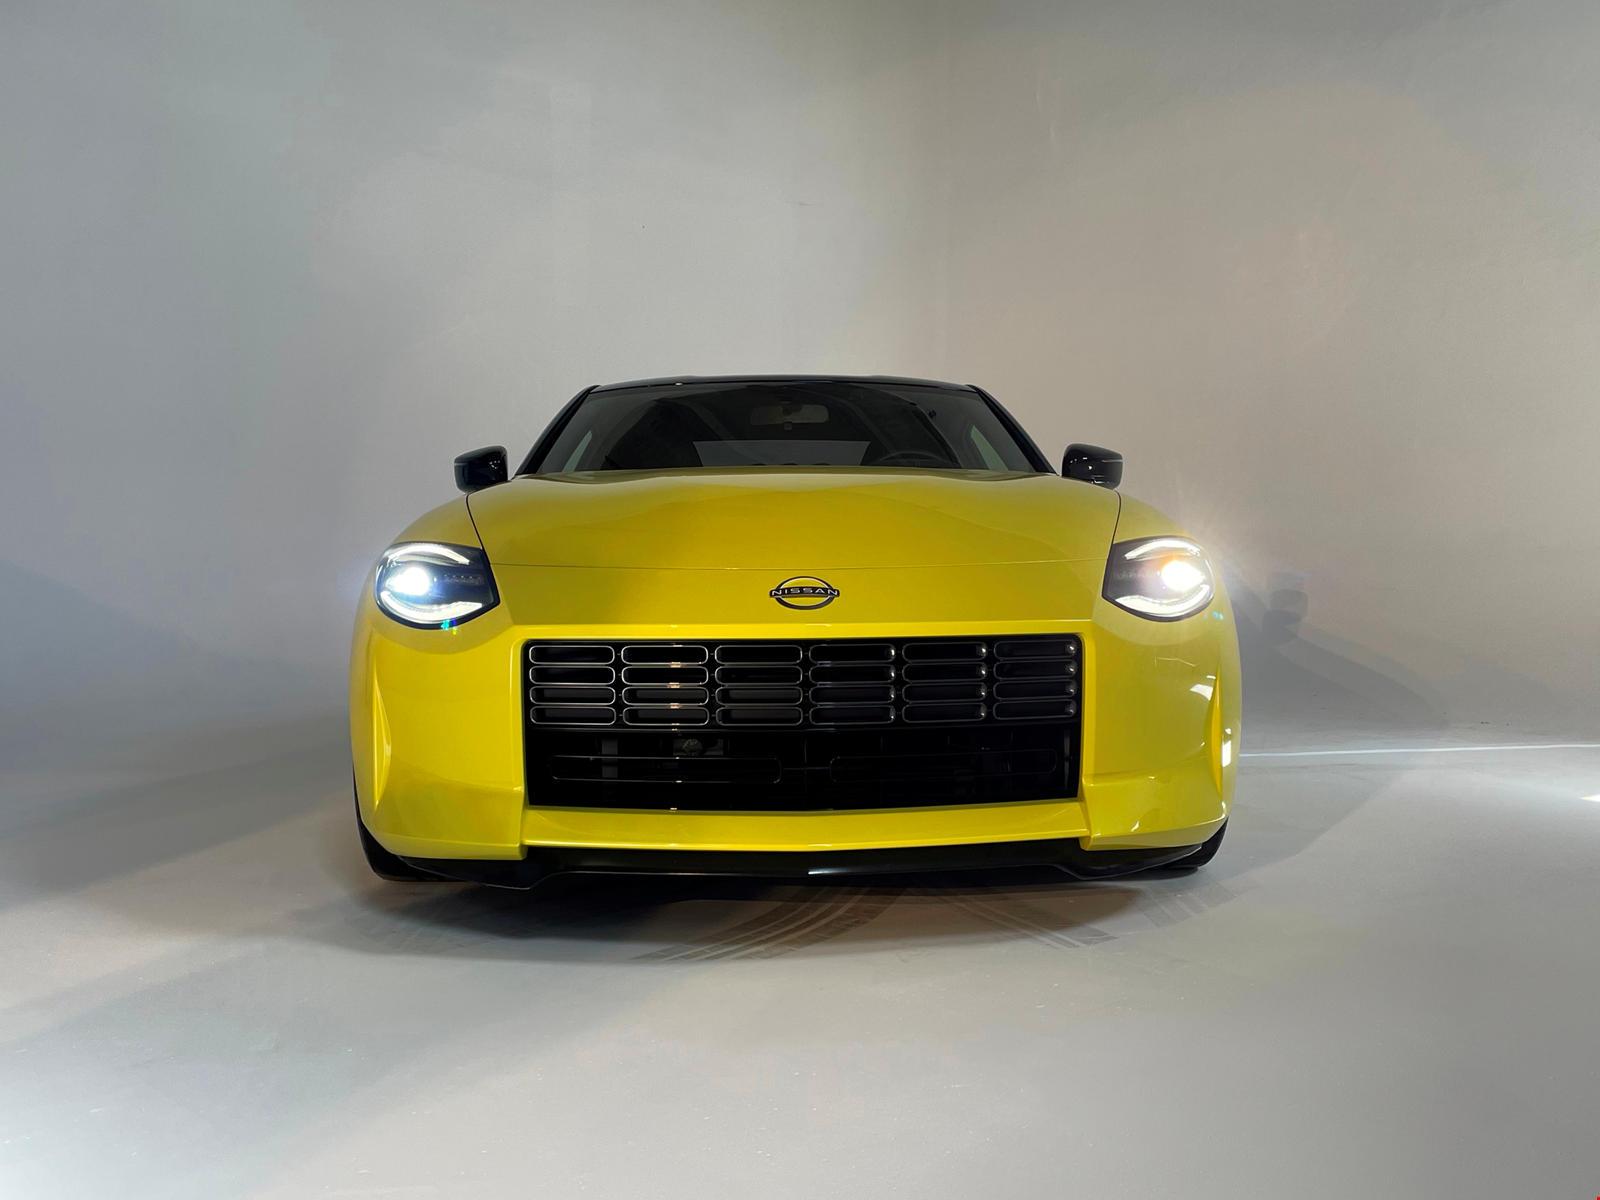 Если этот слух верен и заказы начнутся в ноябре, мы подозреваем, что автомобиль не попадет в руки клиентов до середины 2022 года.